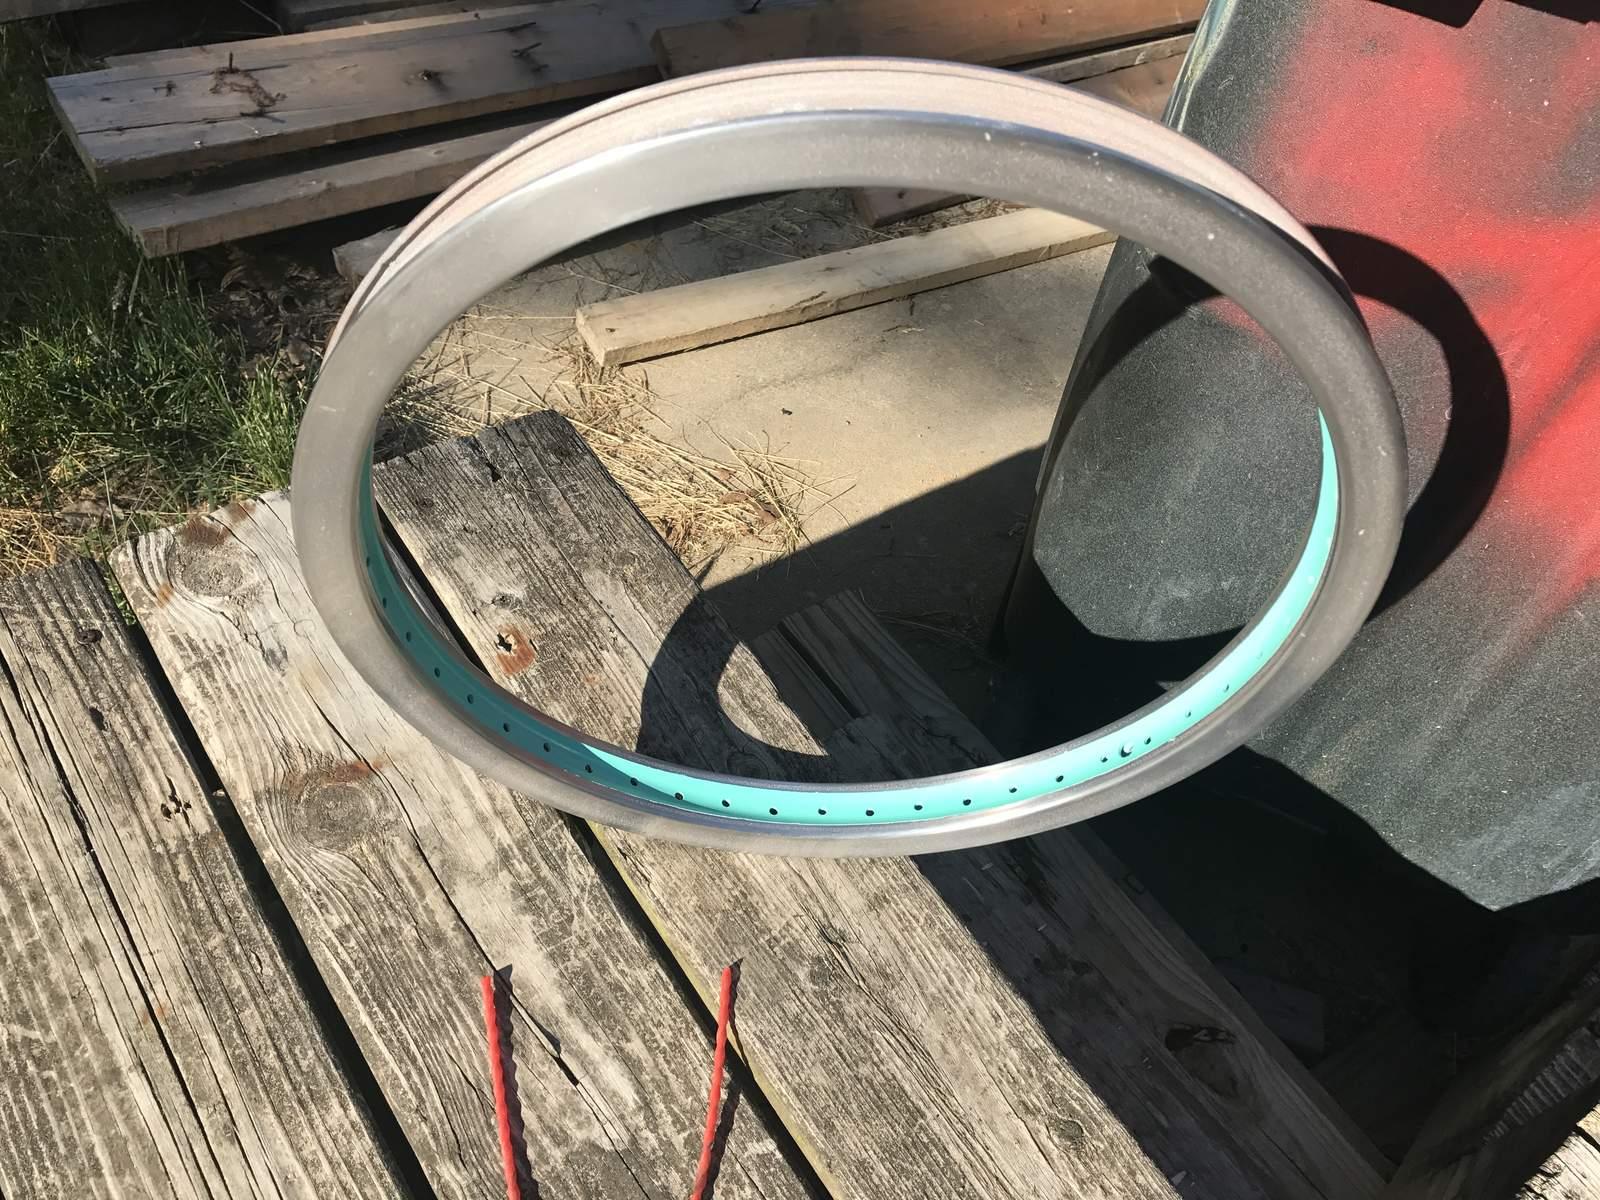 Removing chrome from aluminum - BMXmuseum com Forums